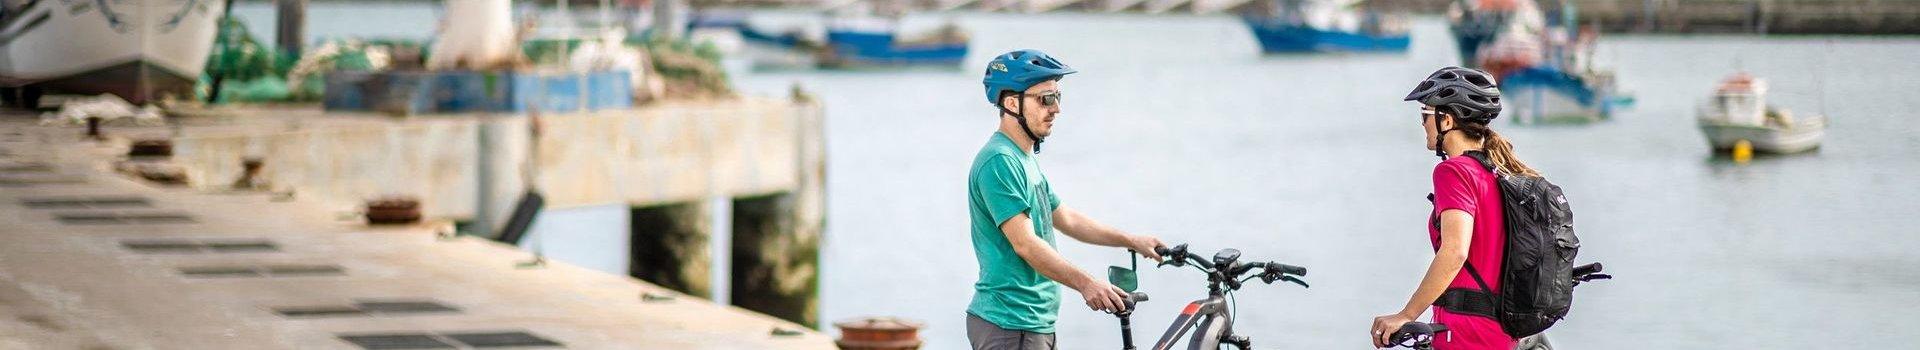 Jak zadbać o bezpieczeństwo podczas wycieczek rowerowych?